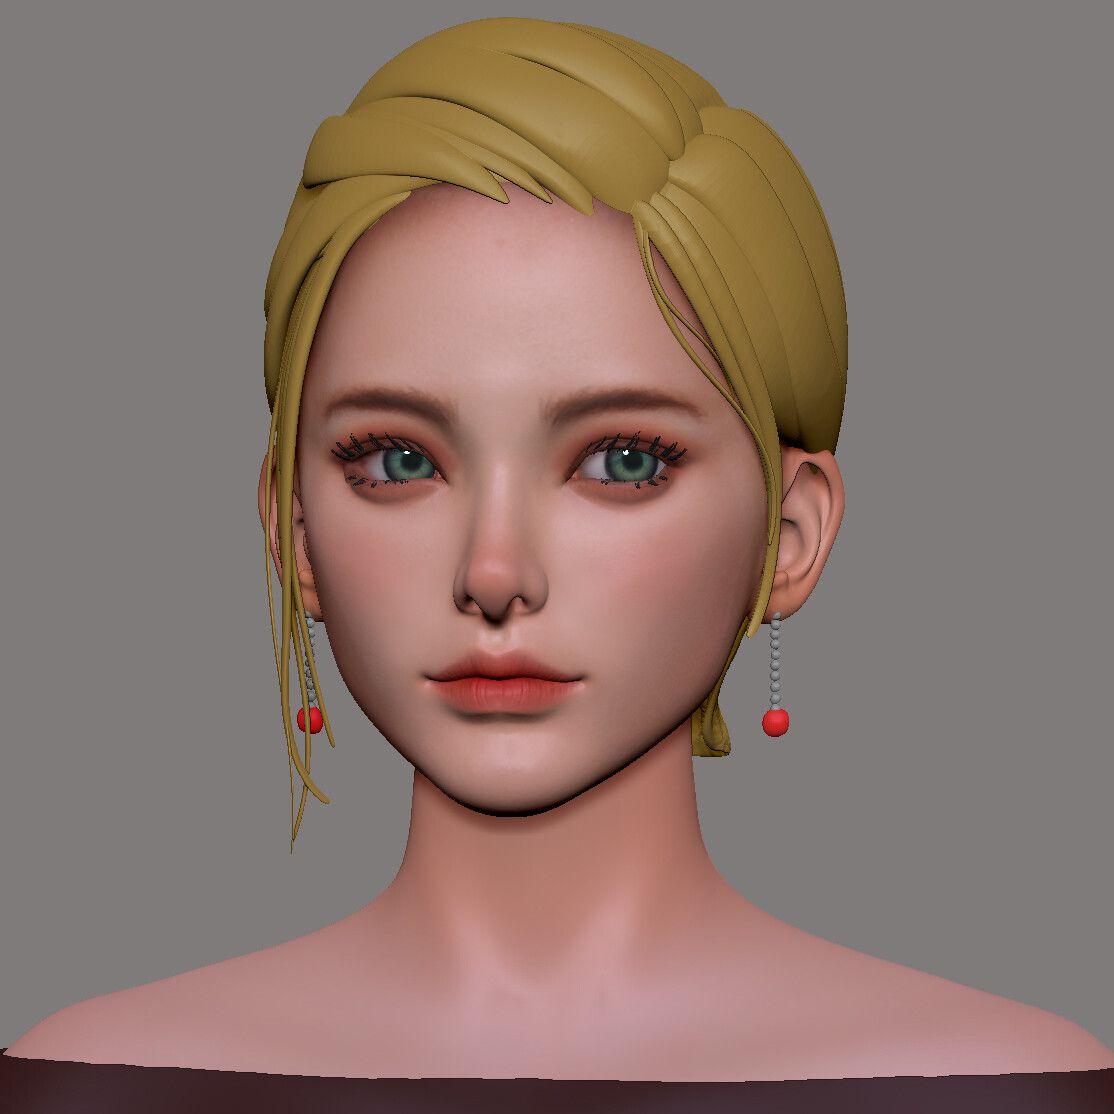 韩国艺术家Soo Hwang 角色头像3D作品-FANCHENBIZ